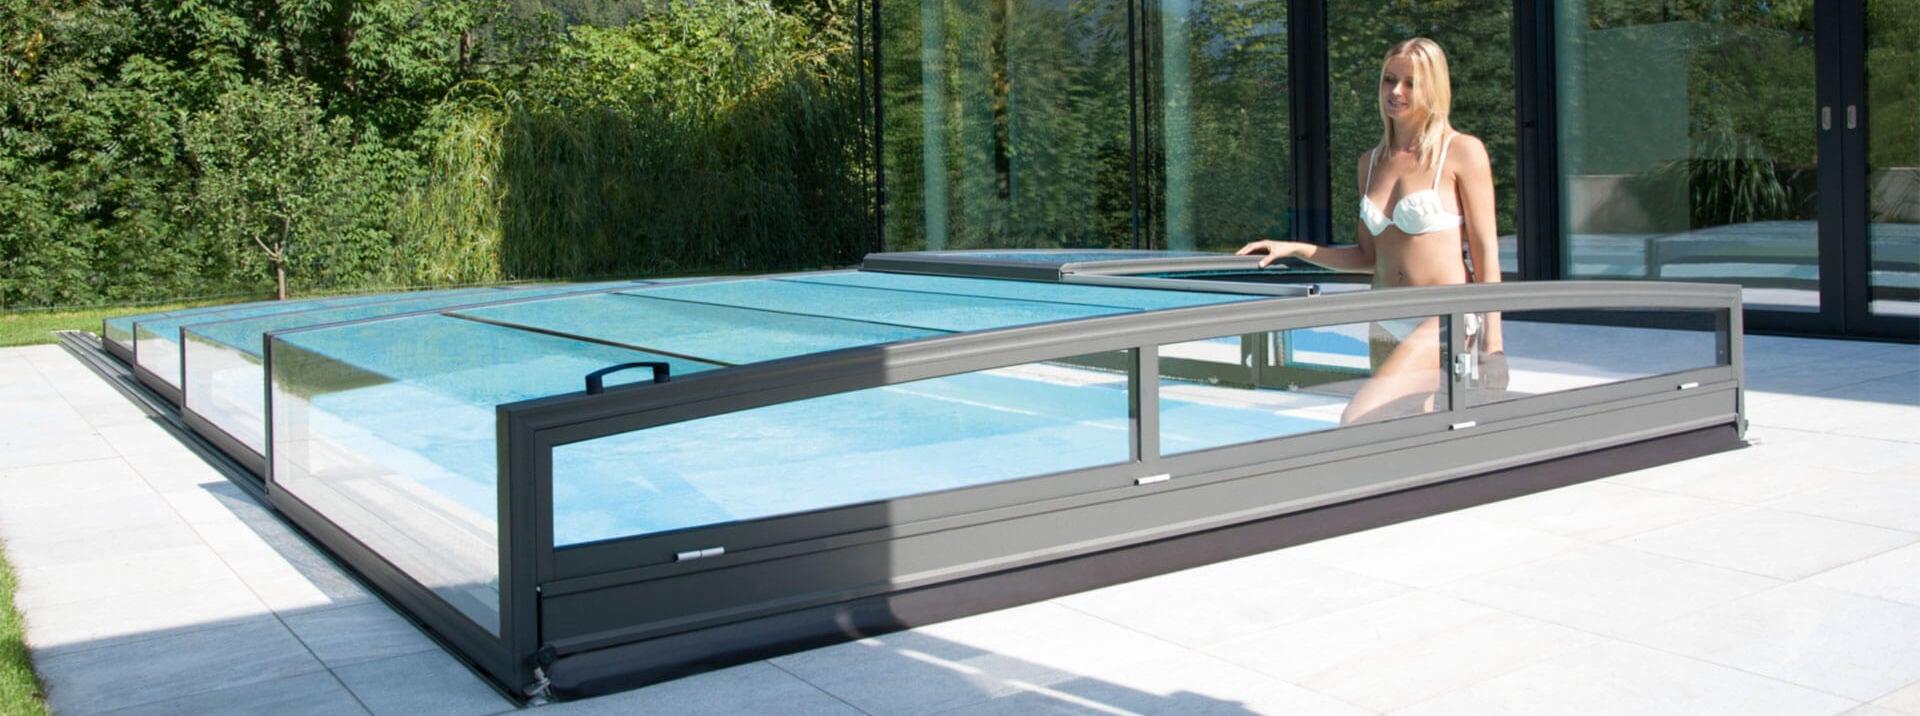 Full Size of Gebrauchte Gfk Pools Kaufen Schwimmbecken Küche Einbauküche Betten Fenster Verkaufen Regale Wohnzimmer Gebrauchte Gfk Pools